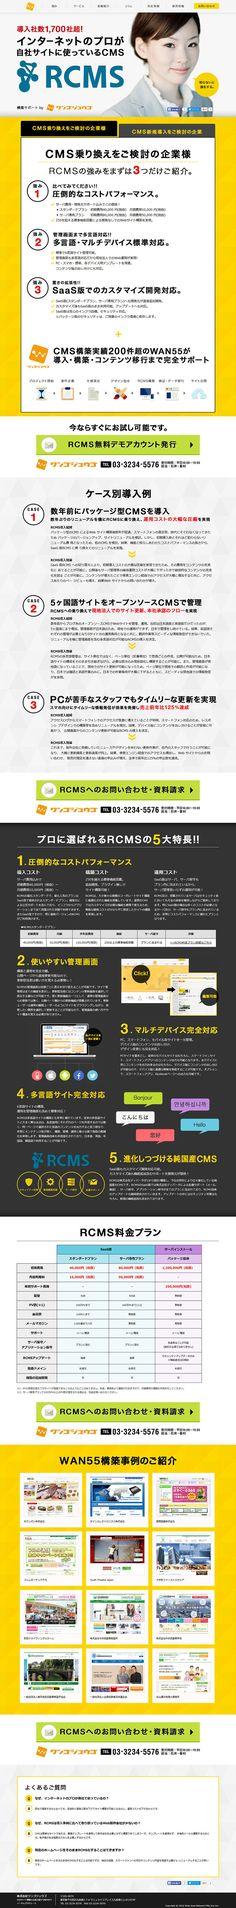 RCMS【関連】のLPデザイン。WEBデザイナーさん必見!ランディングページのデザイン参考に(シンプル系)